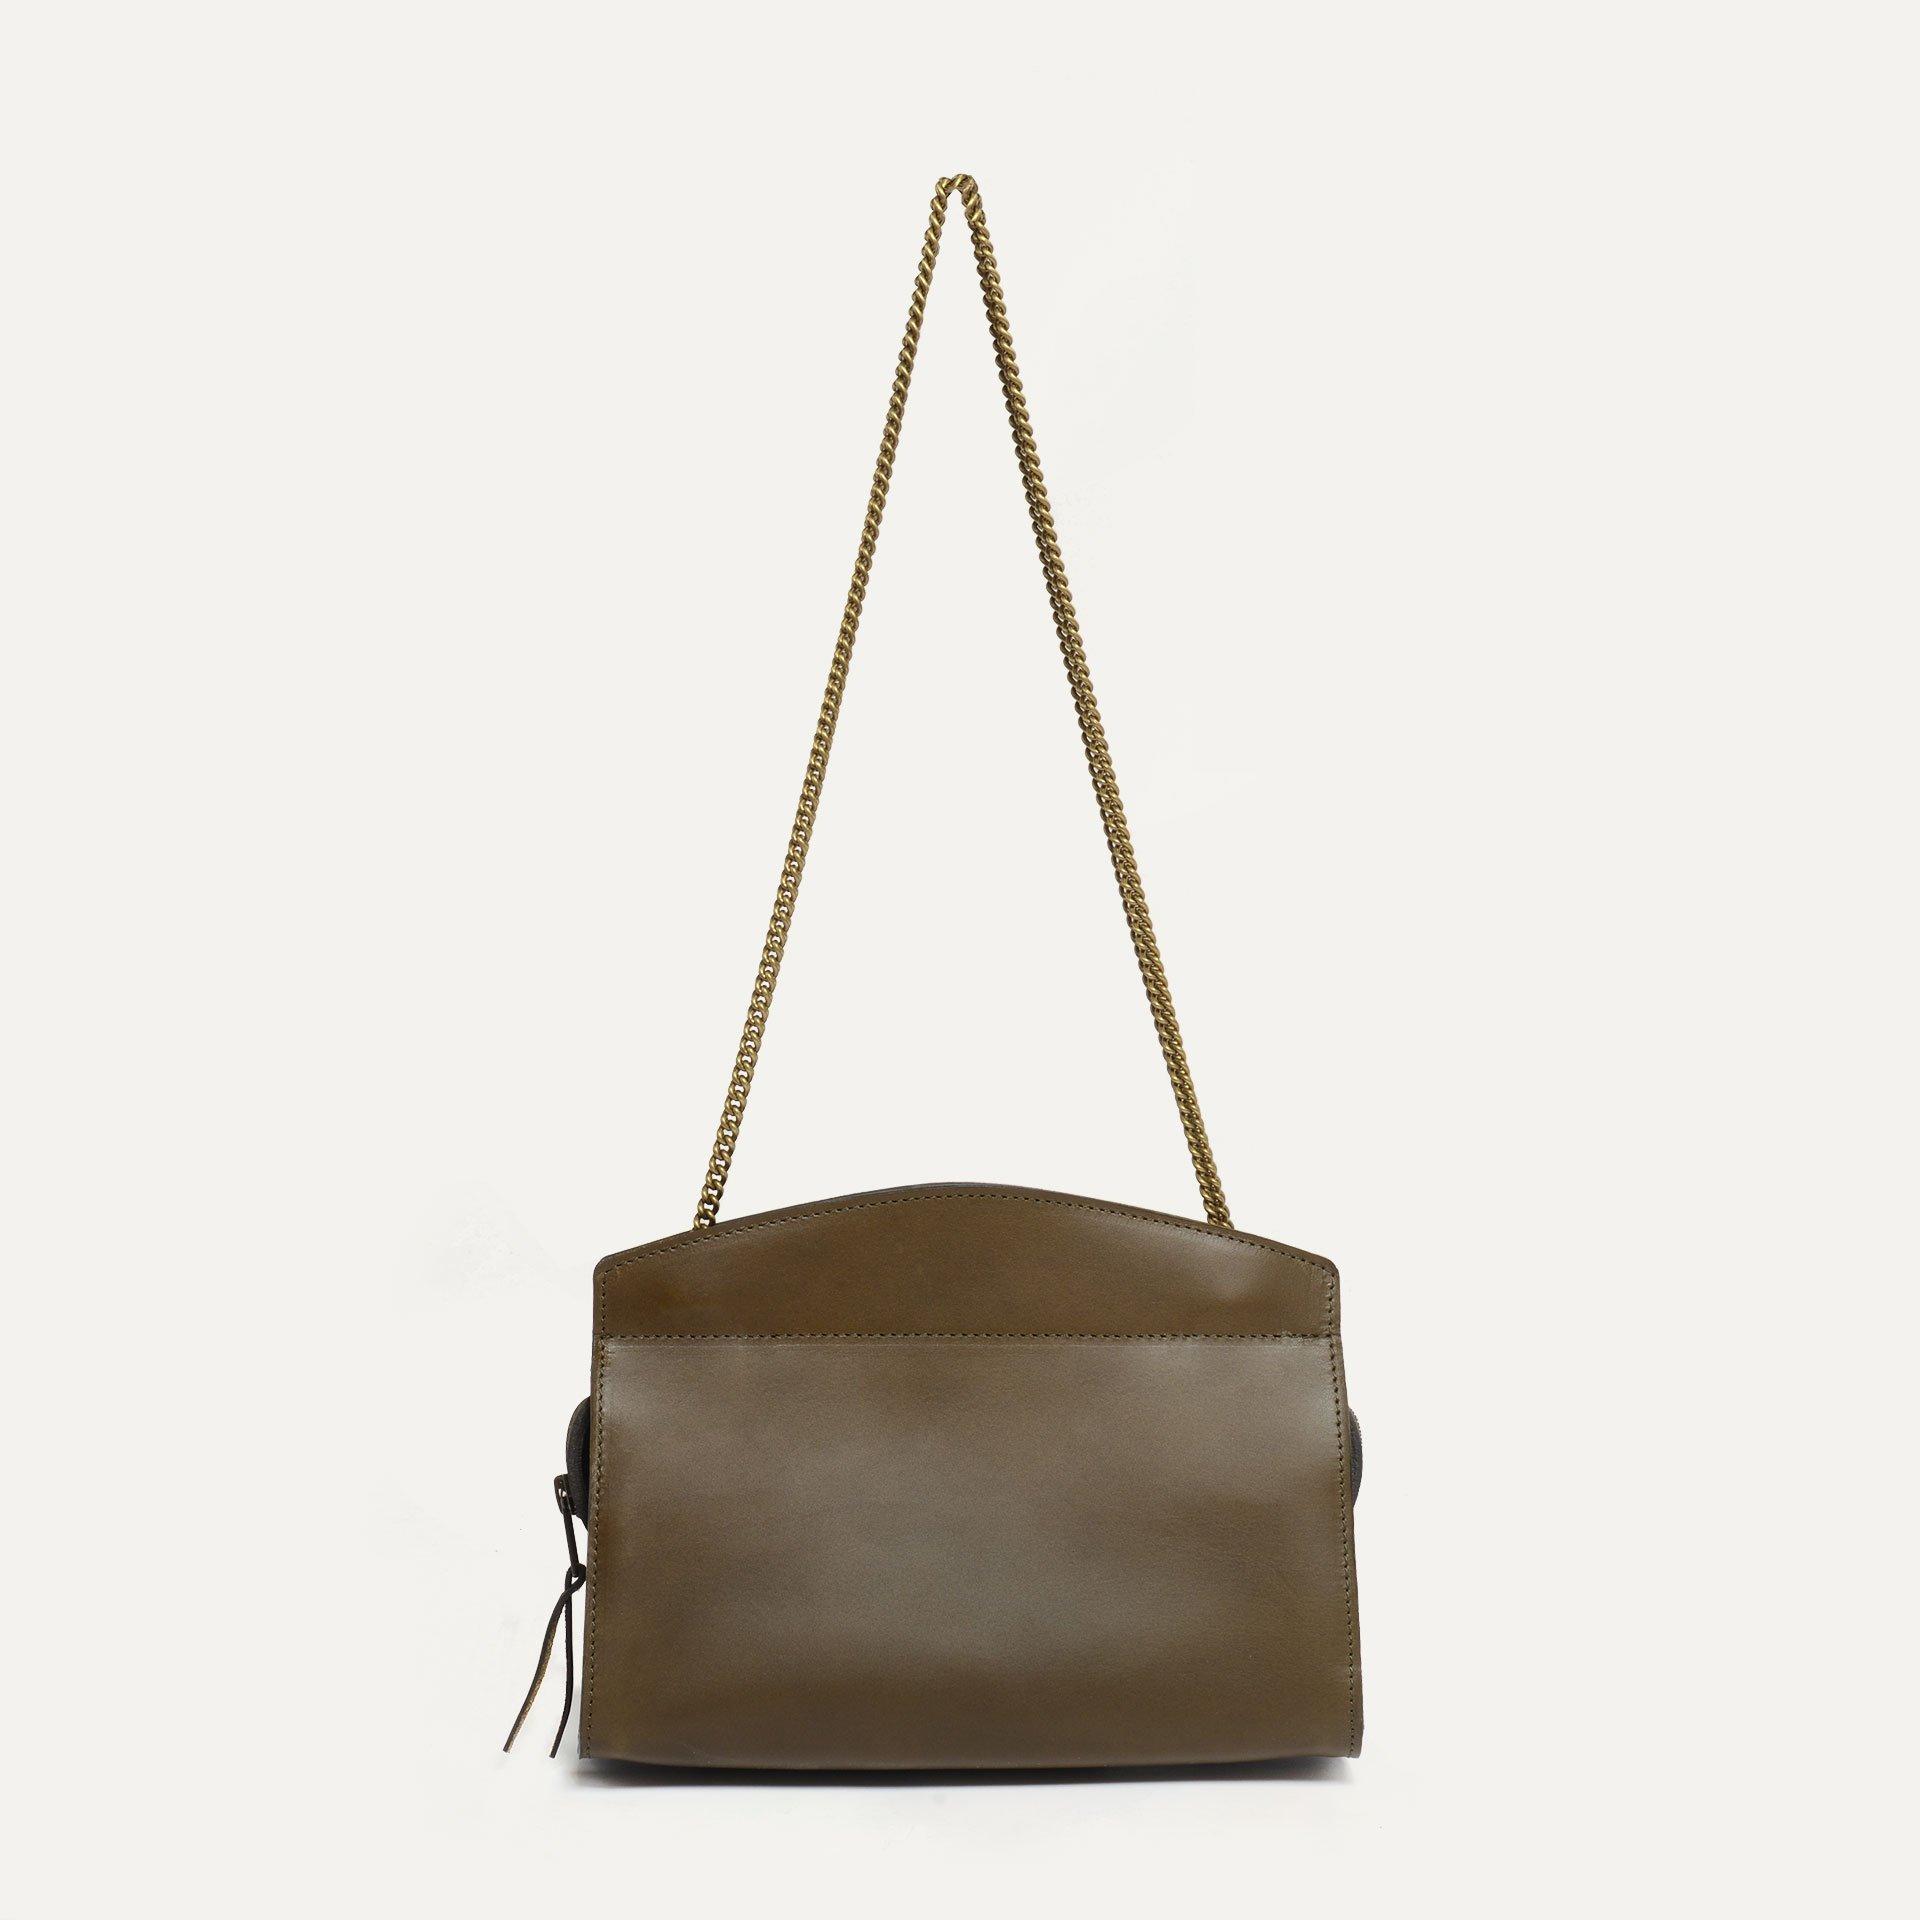 Origami S Zipped clutch bag - Khaki (image n°1)